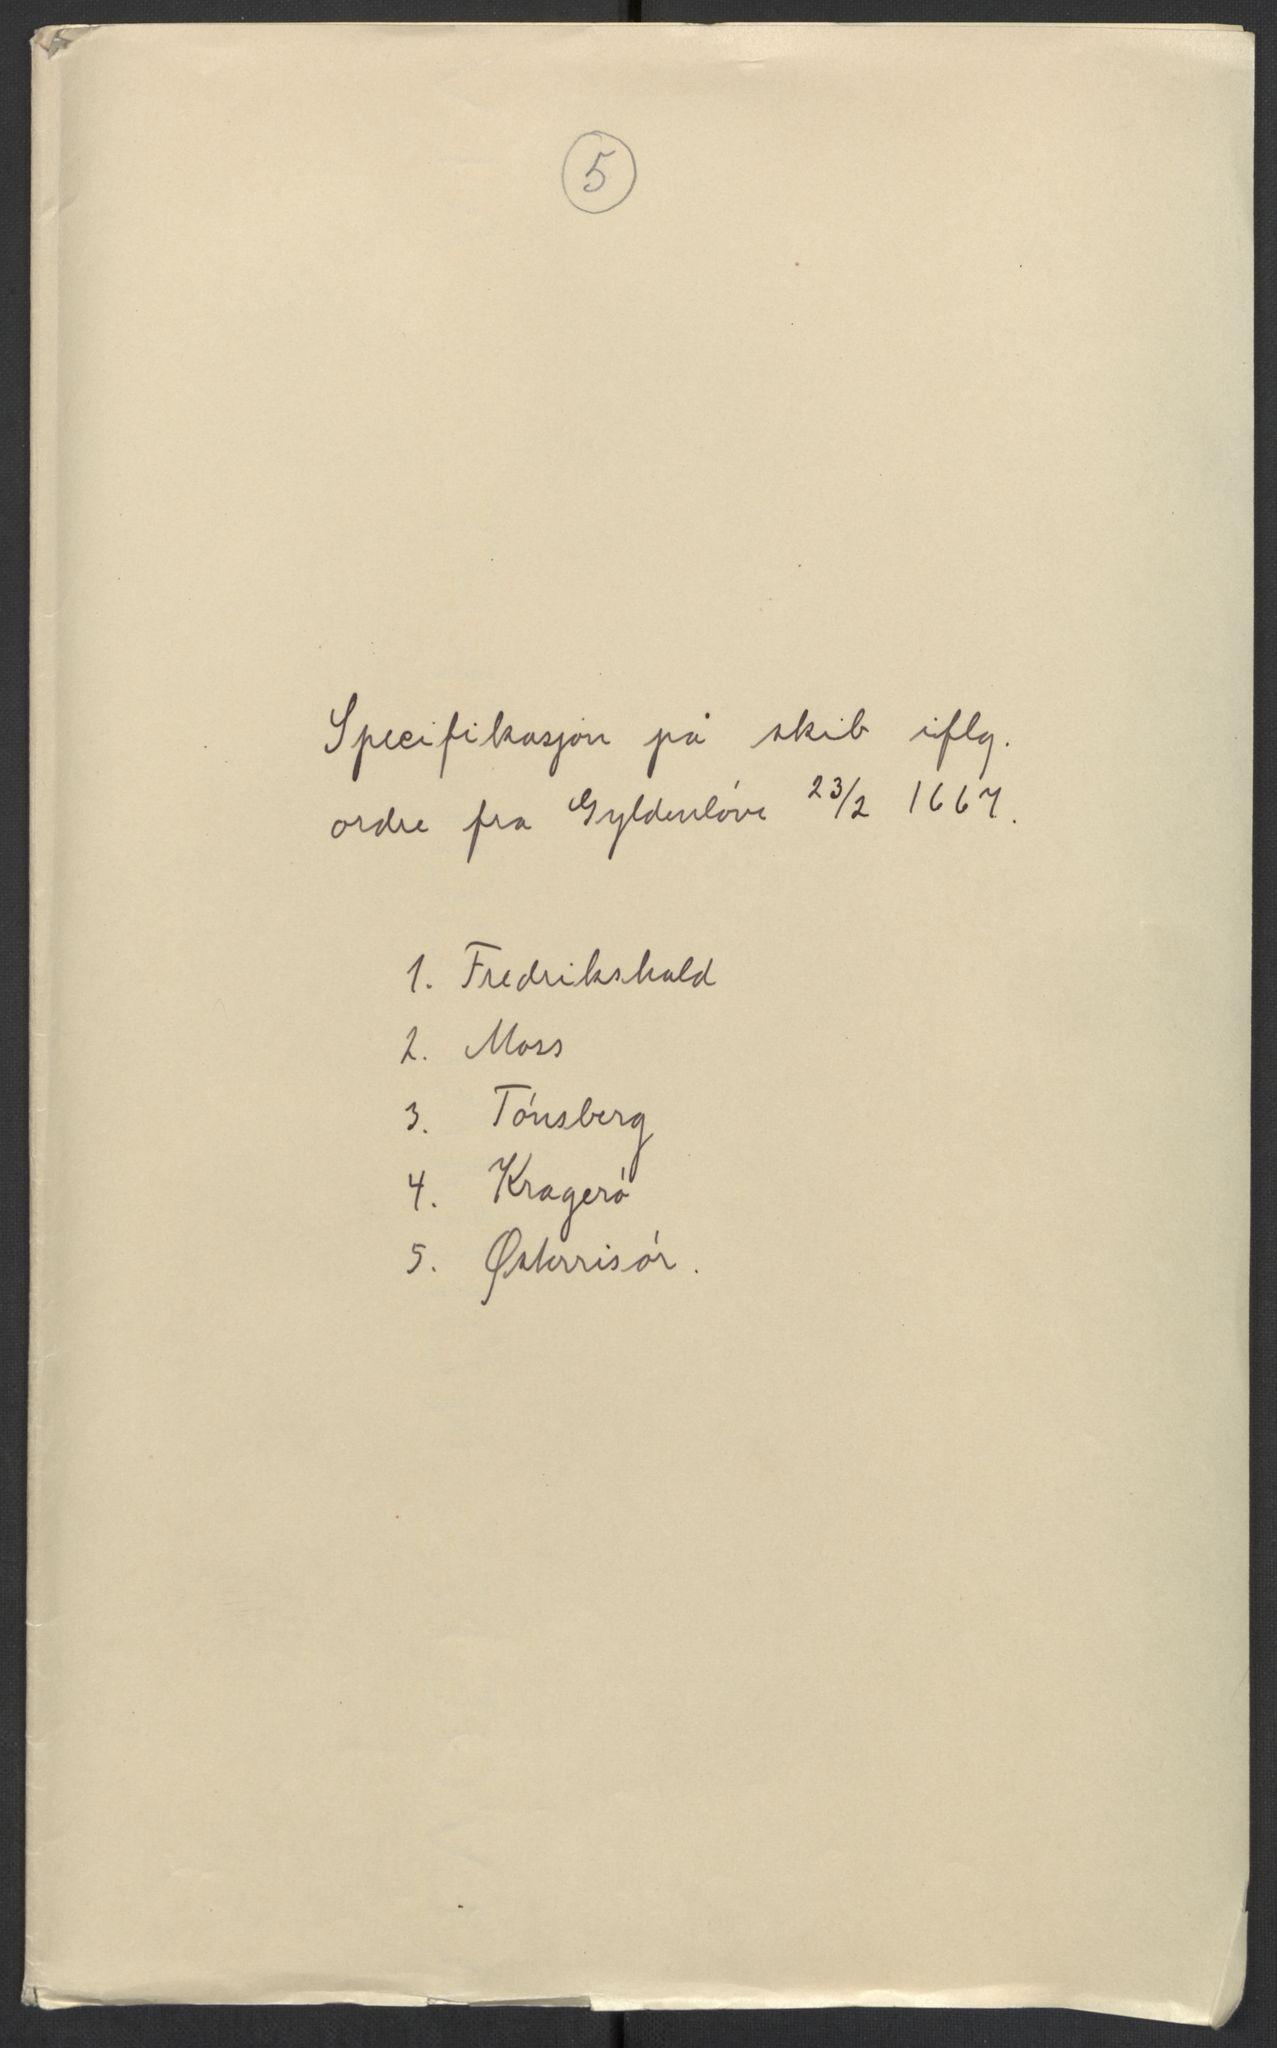 RA, Stattholderembetet 1572-1771, El/L0024: Forskjellige pakkesaker, 1667, s. 1